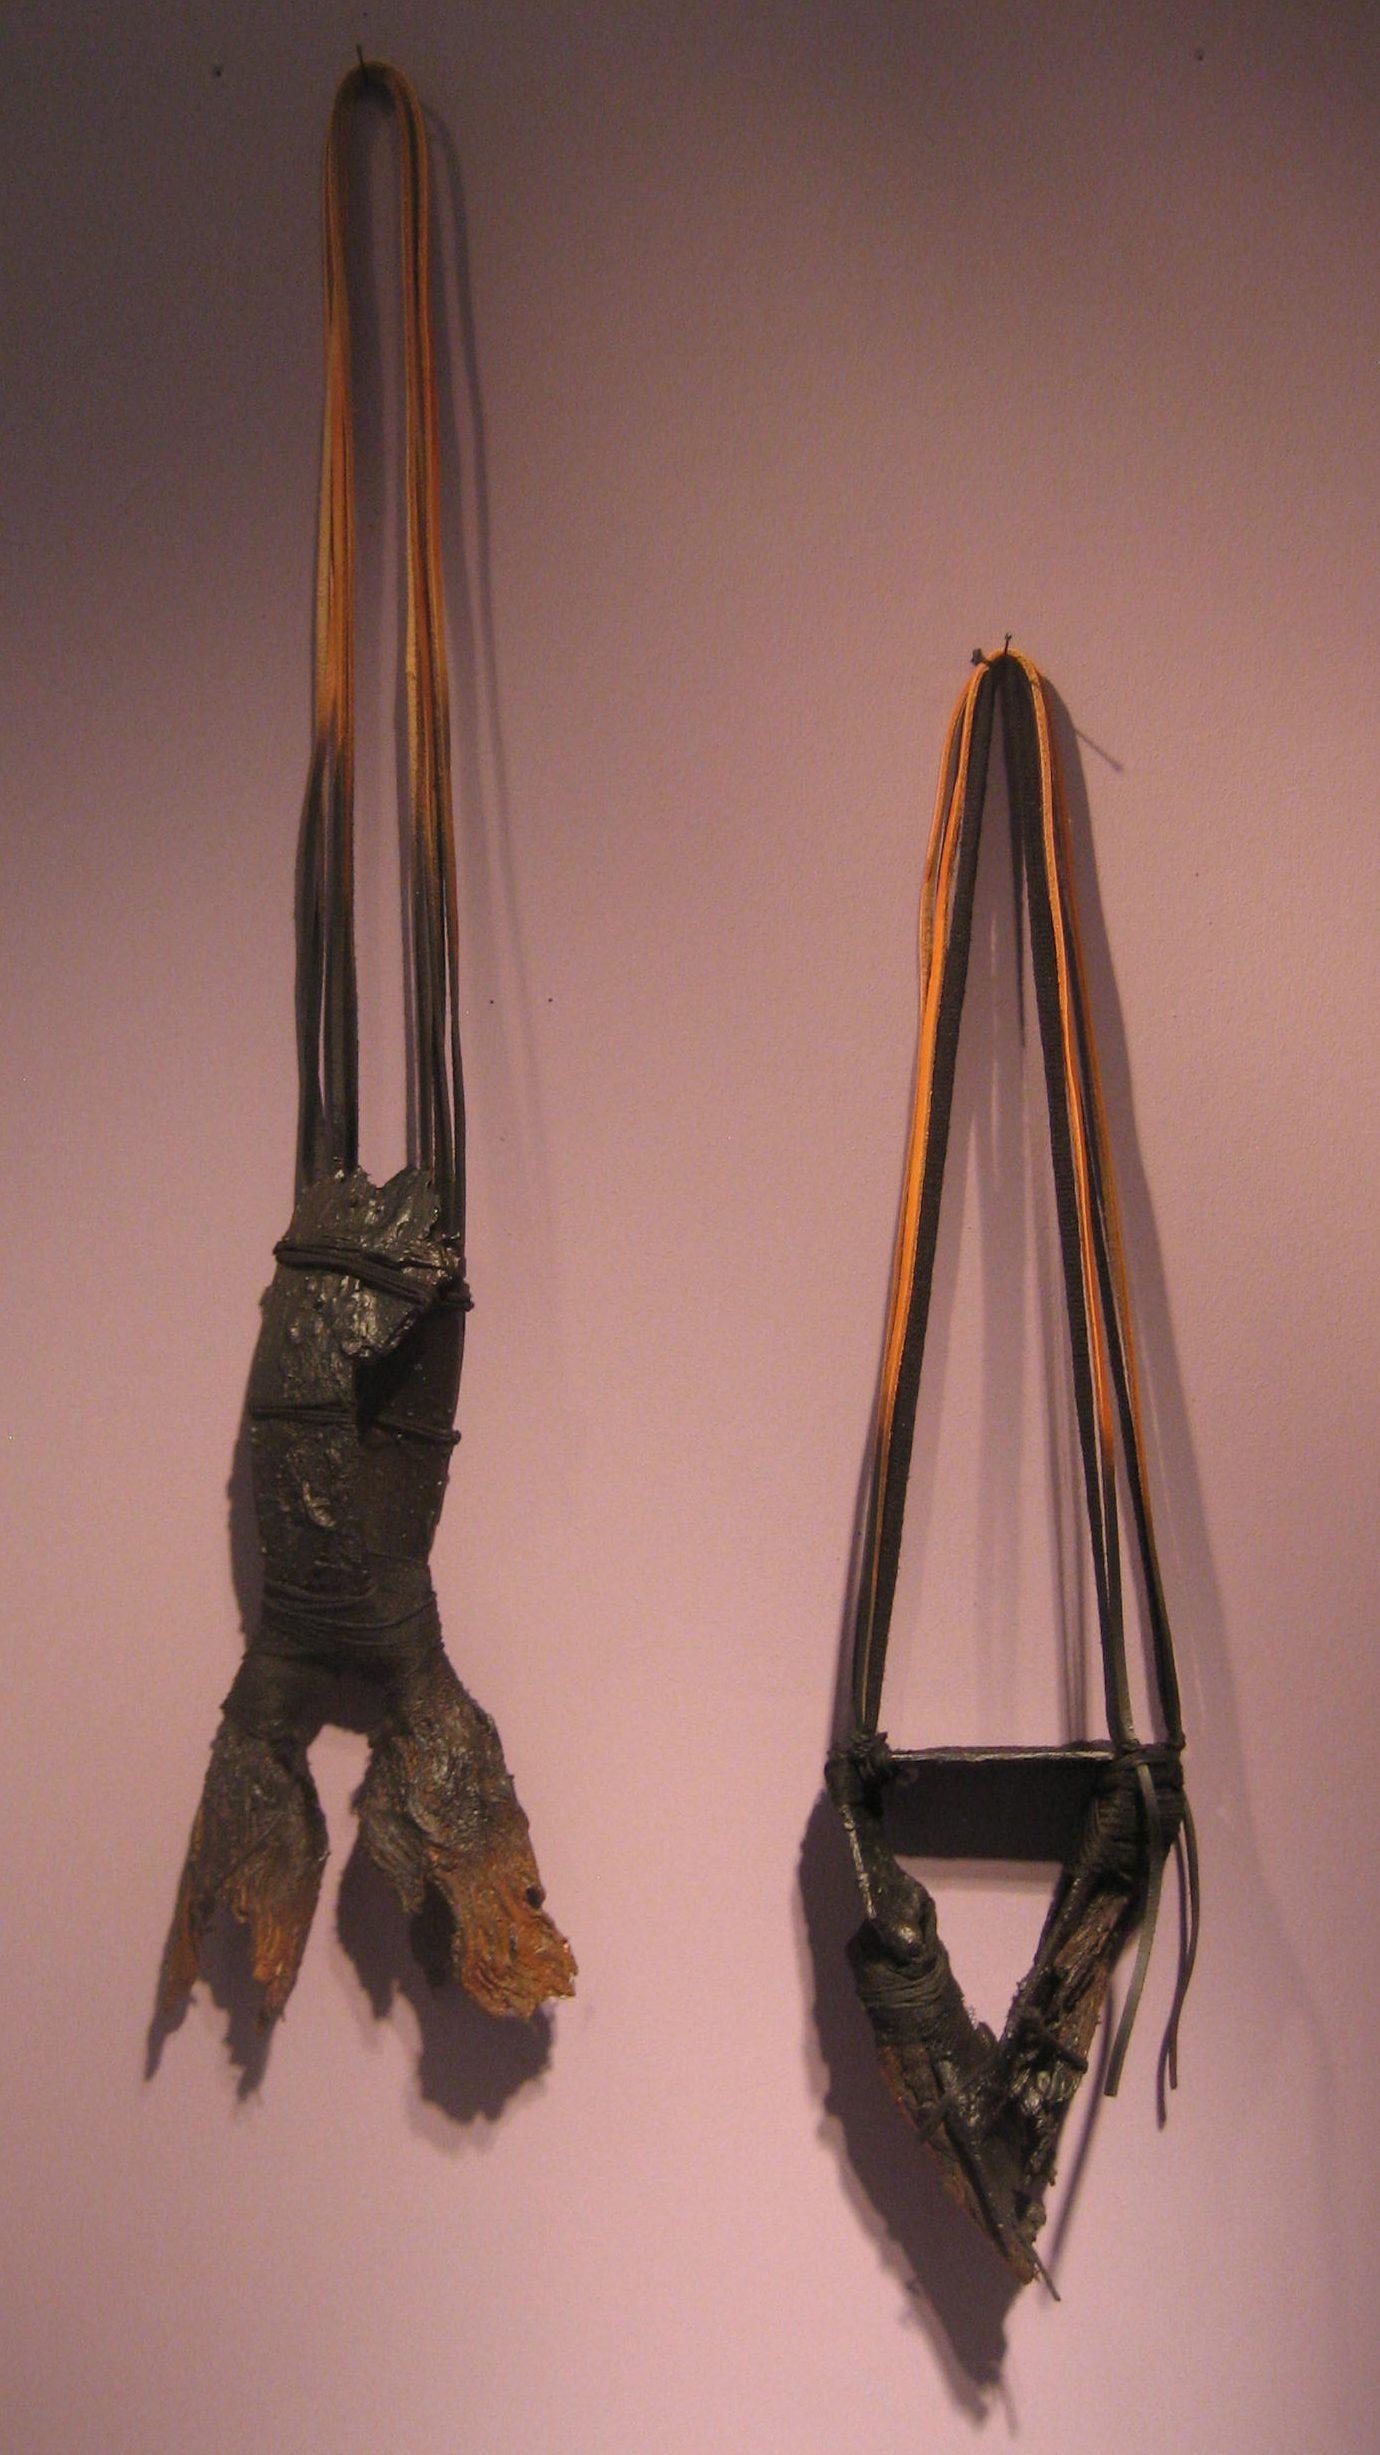 Jorge Manilla, halssieraden, Galerie Ra, 15 februari 2019. Foto Esther Doornbusch, CC BY 4.0